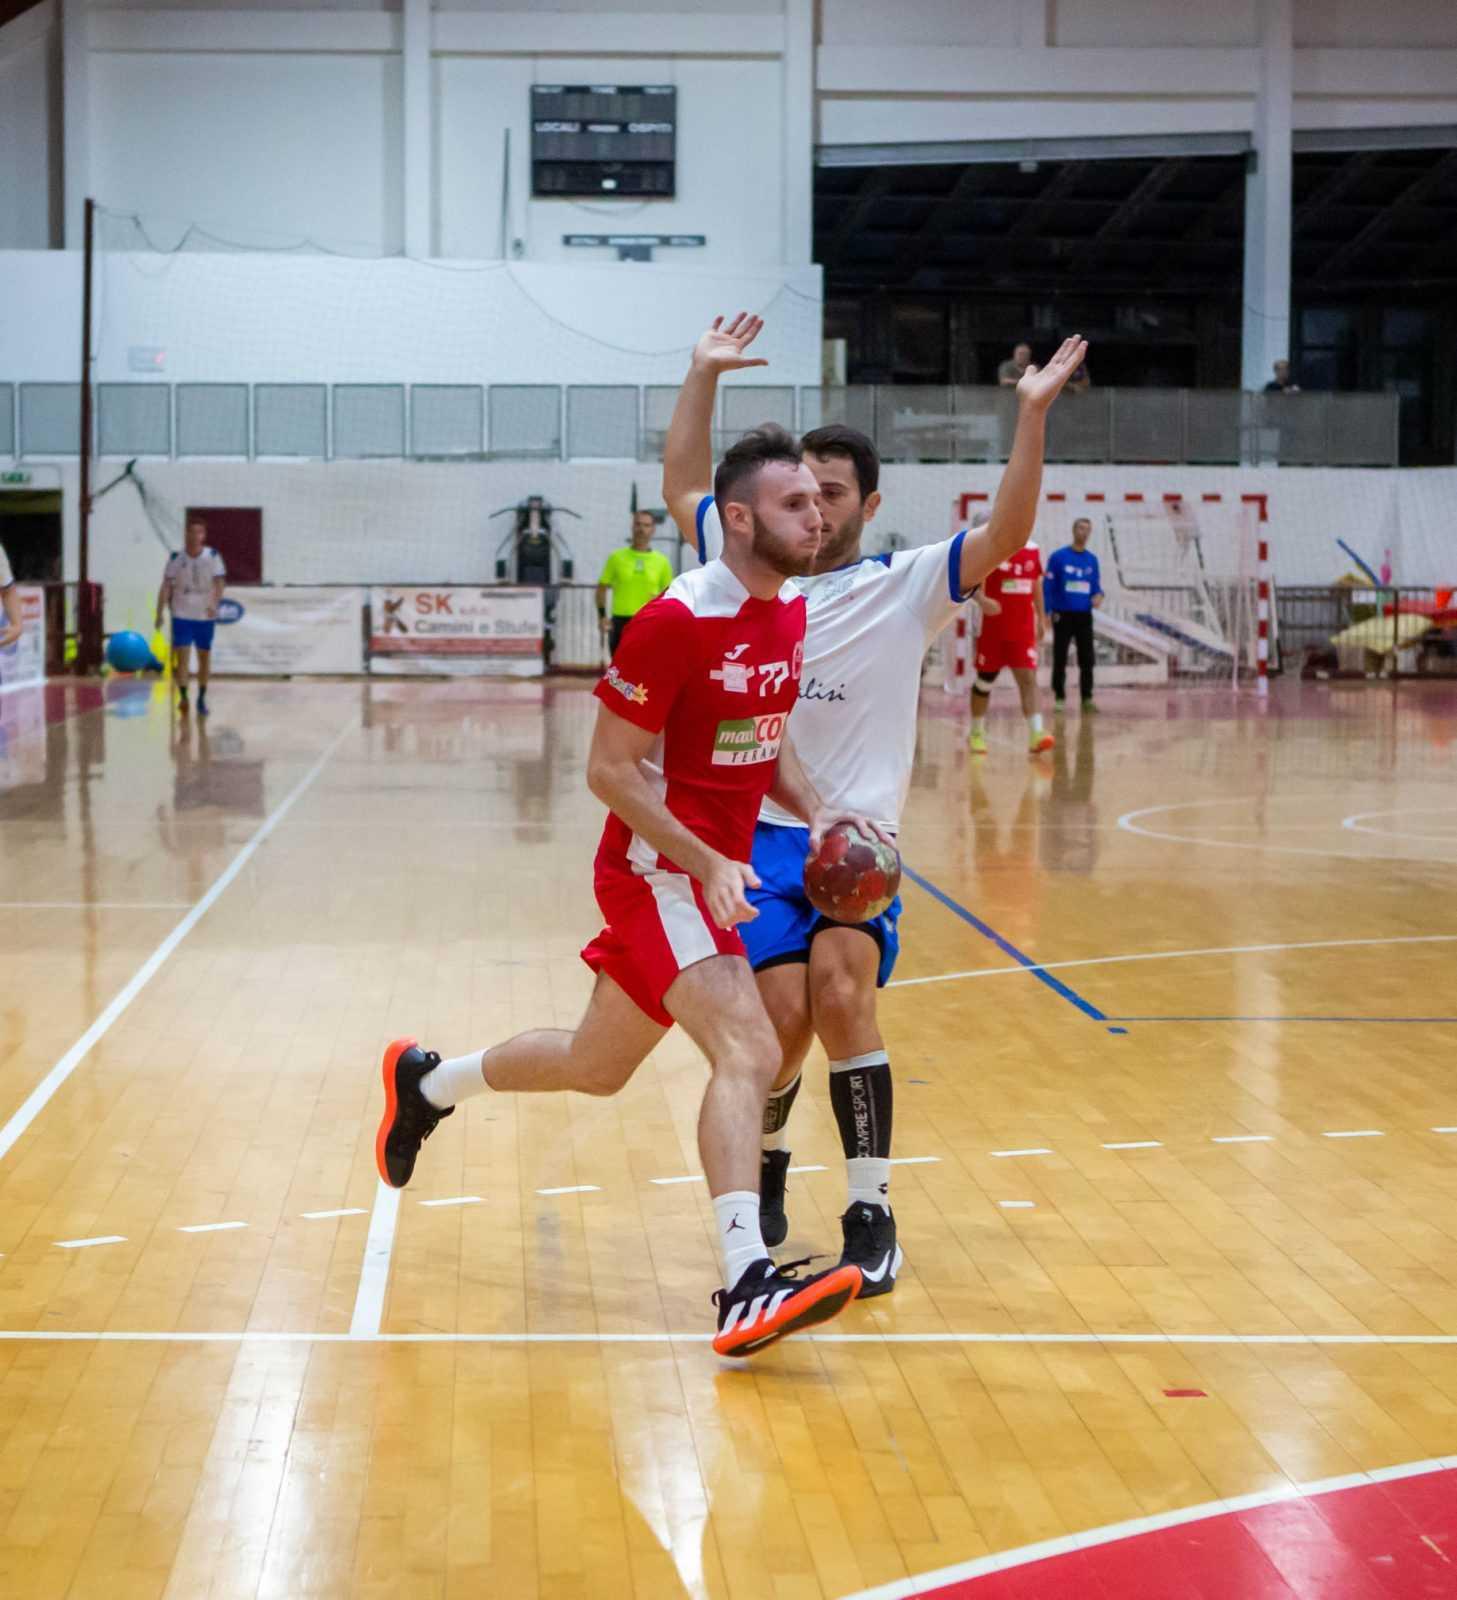 handball-a2/m,-lions-pronta-a-ricevere-il-san-lazzaro-per-il-tris-di-vittorie